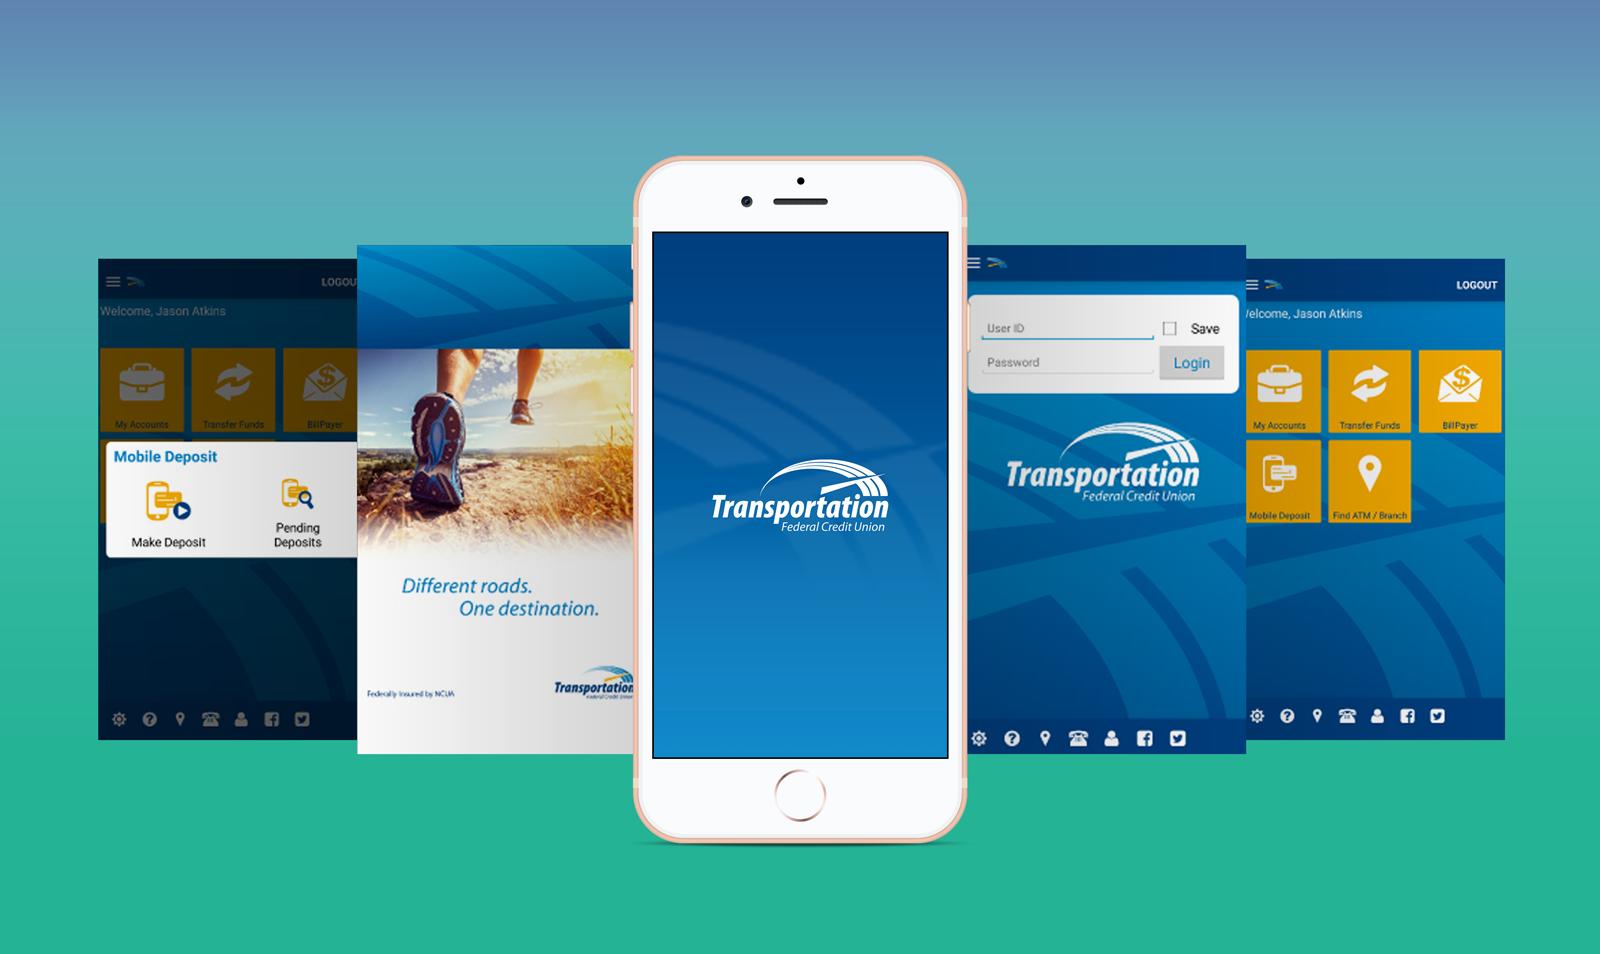 TFCU Apple iPhone 8 Plus App Screen User Interface